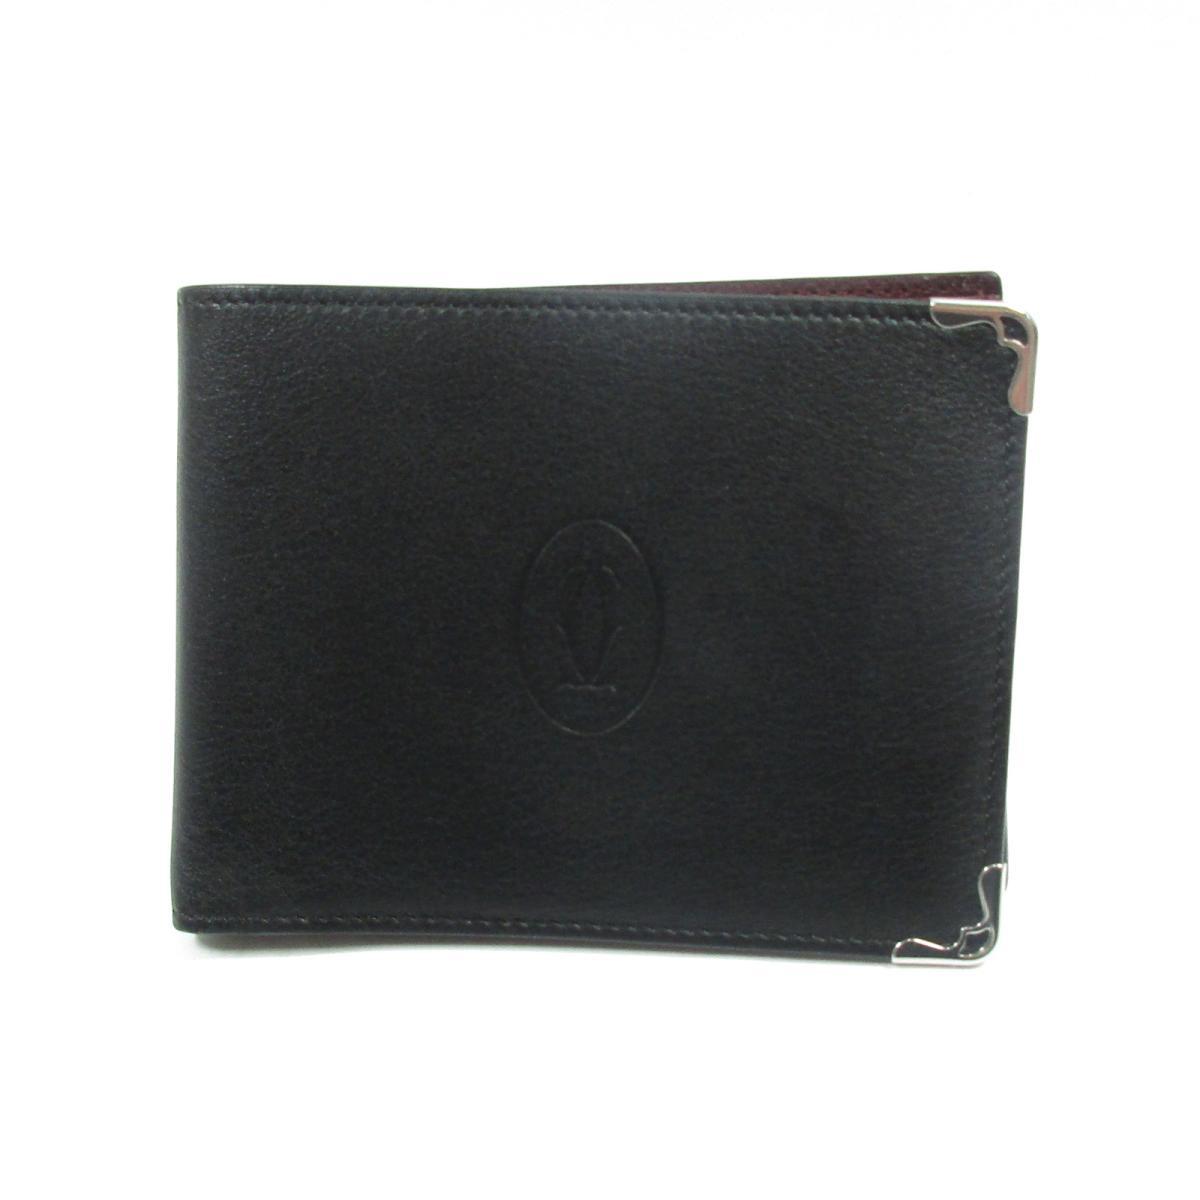 【中古】カルティエ マストドゥカルティエ 財布 財布 メンズ 牛革(カーフ) ブラック × ボルドー (CRL3001369)